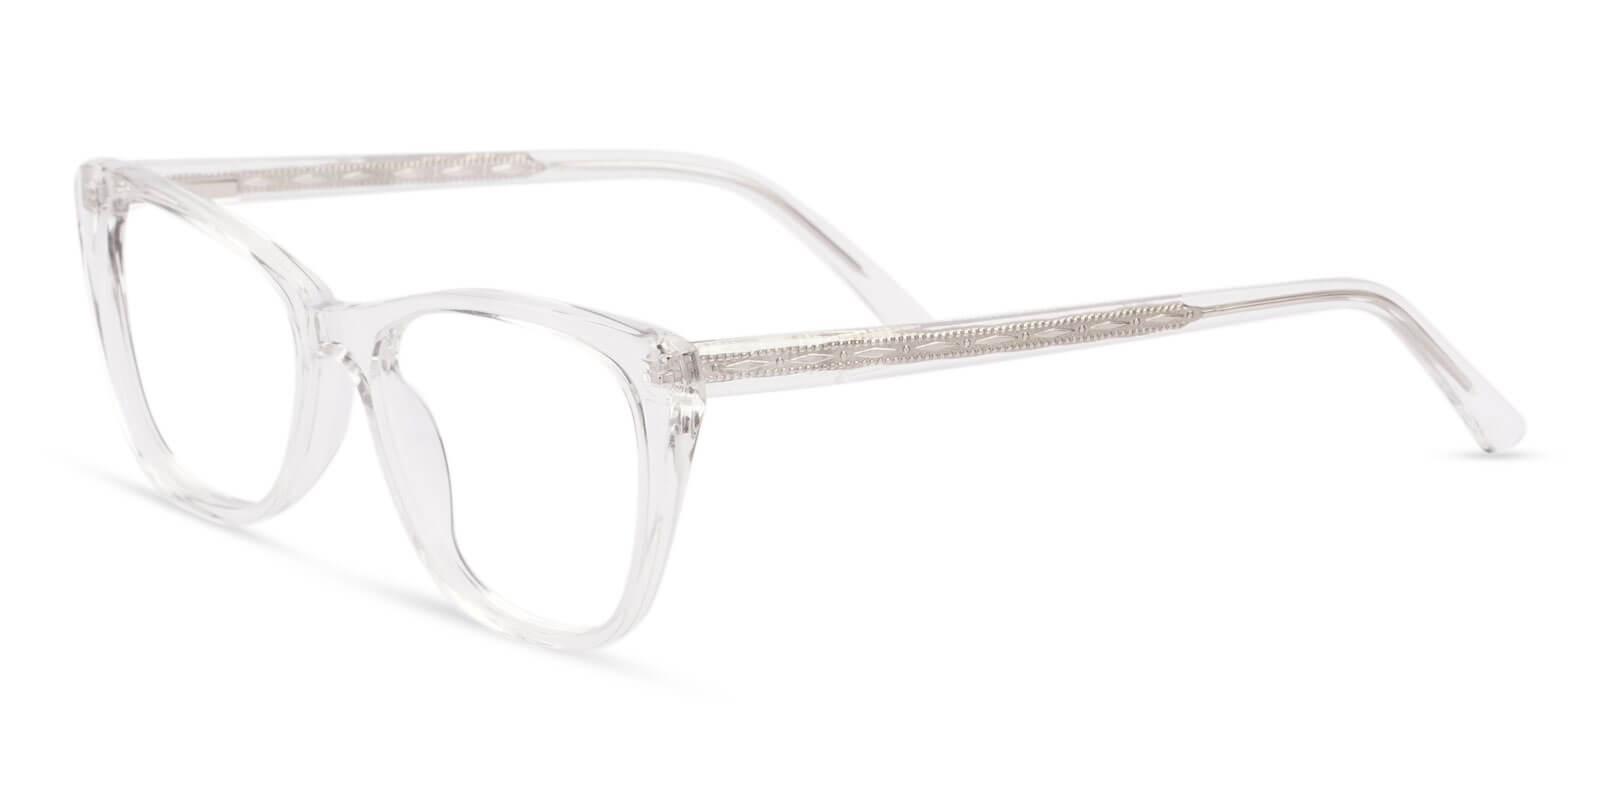 Yuke Translucent Acetate Eyeglasses , SpringHinges , UniversalBridgeFit Frames from ABBE Glasses